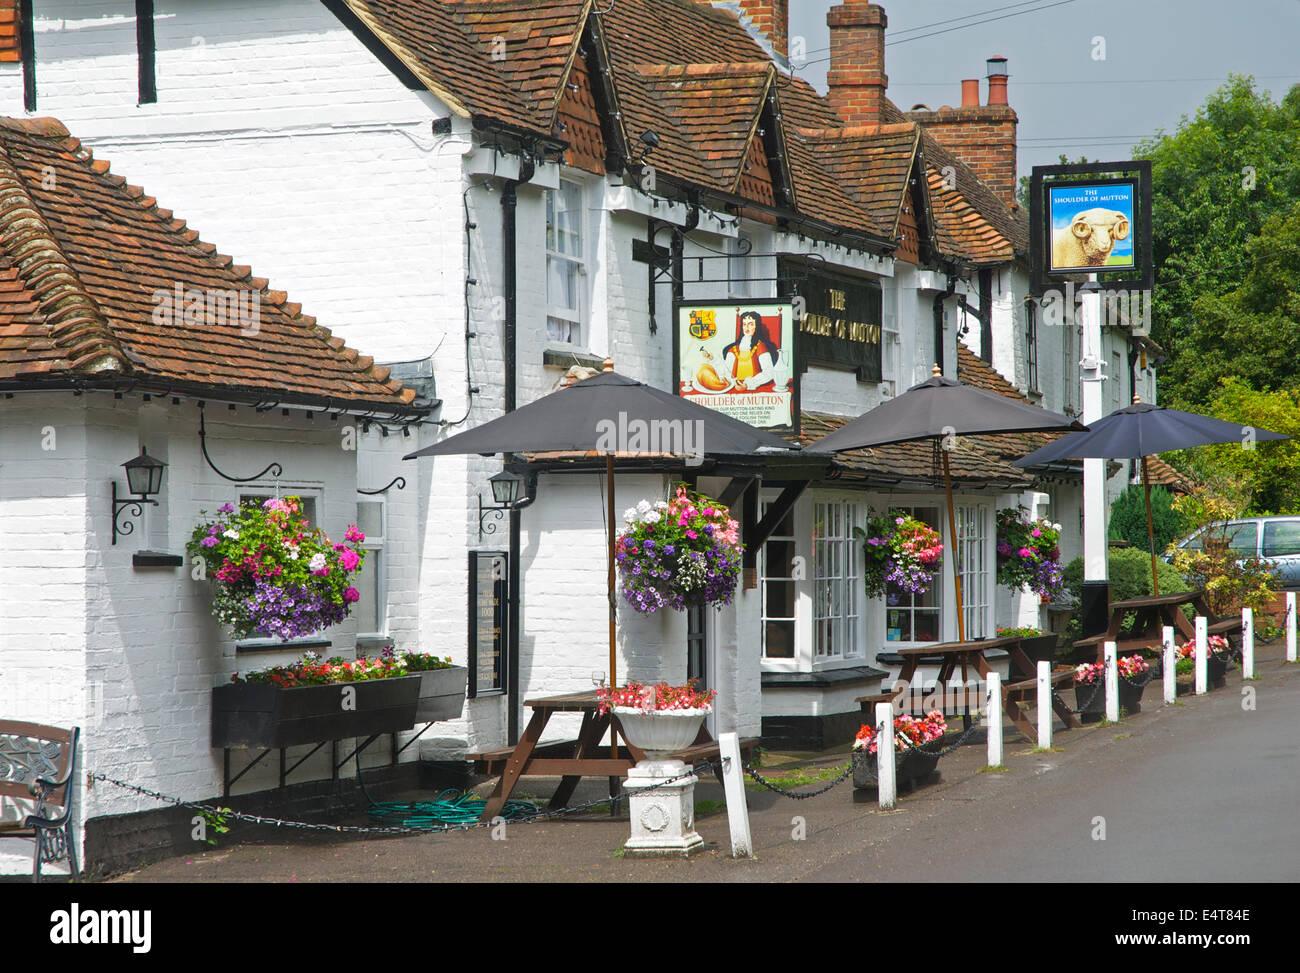 Pub, la paletilla de cordero, en Hazeley Heath, cerca de Hartley Wintney, Hampshire, Inglaterra Imagen De Stock